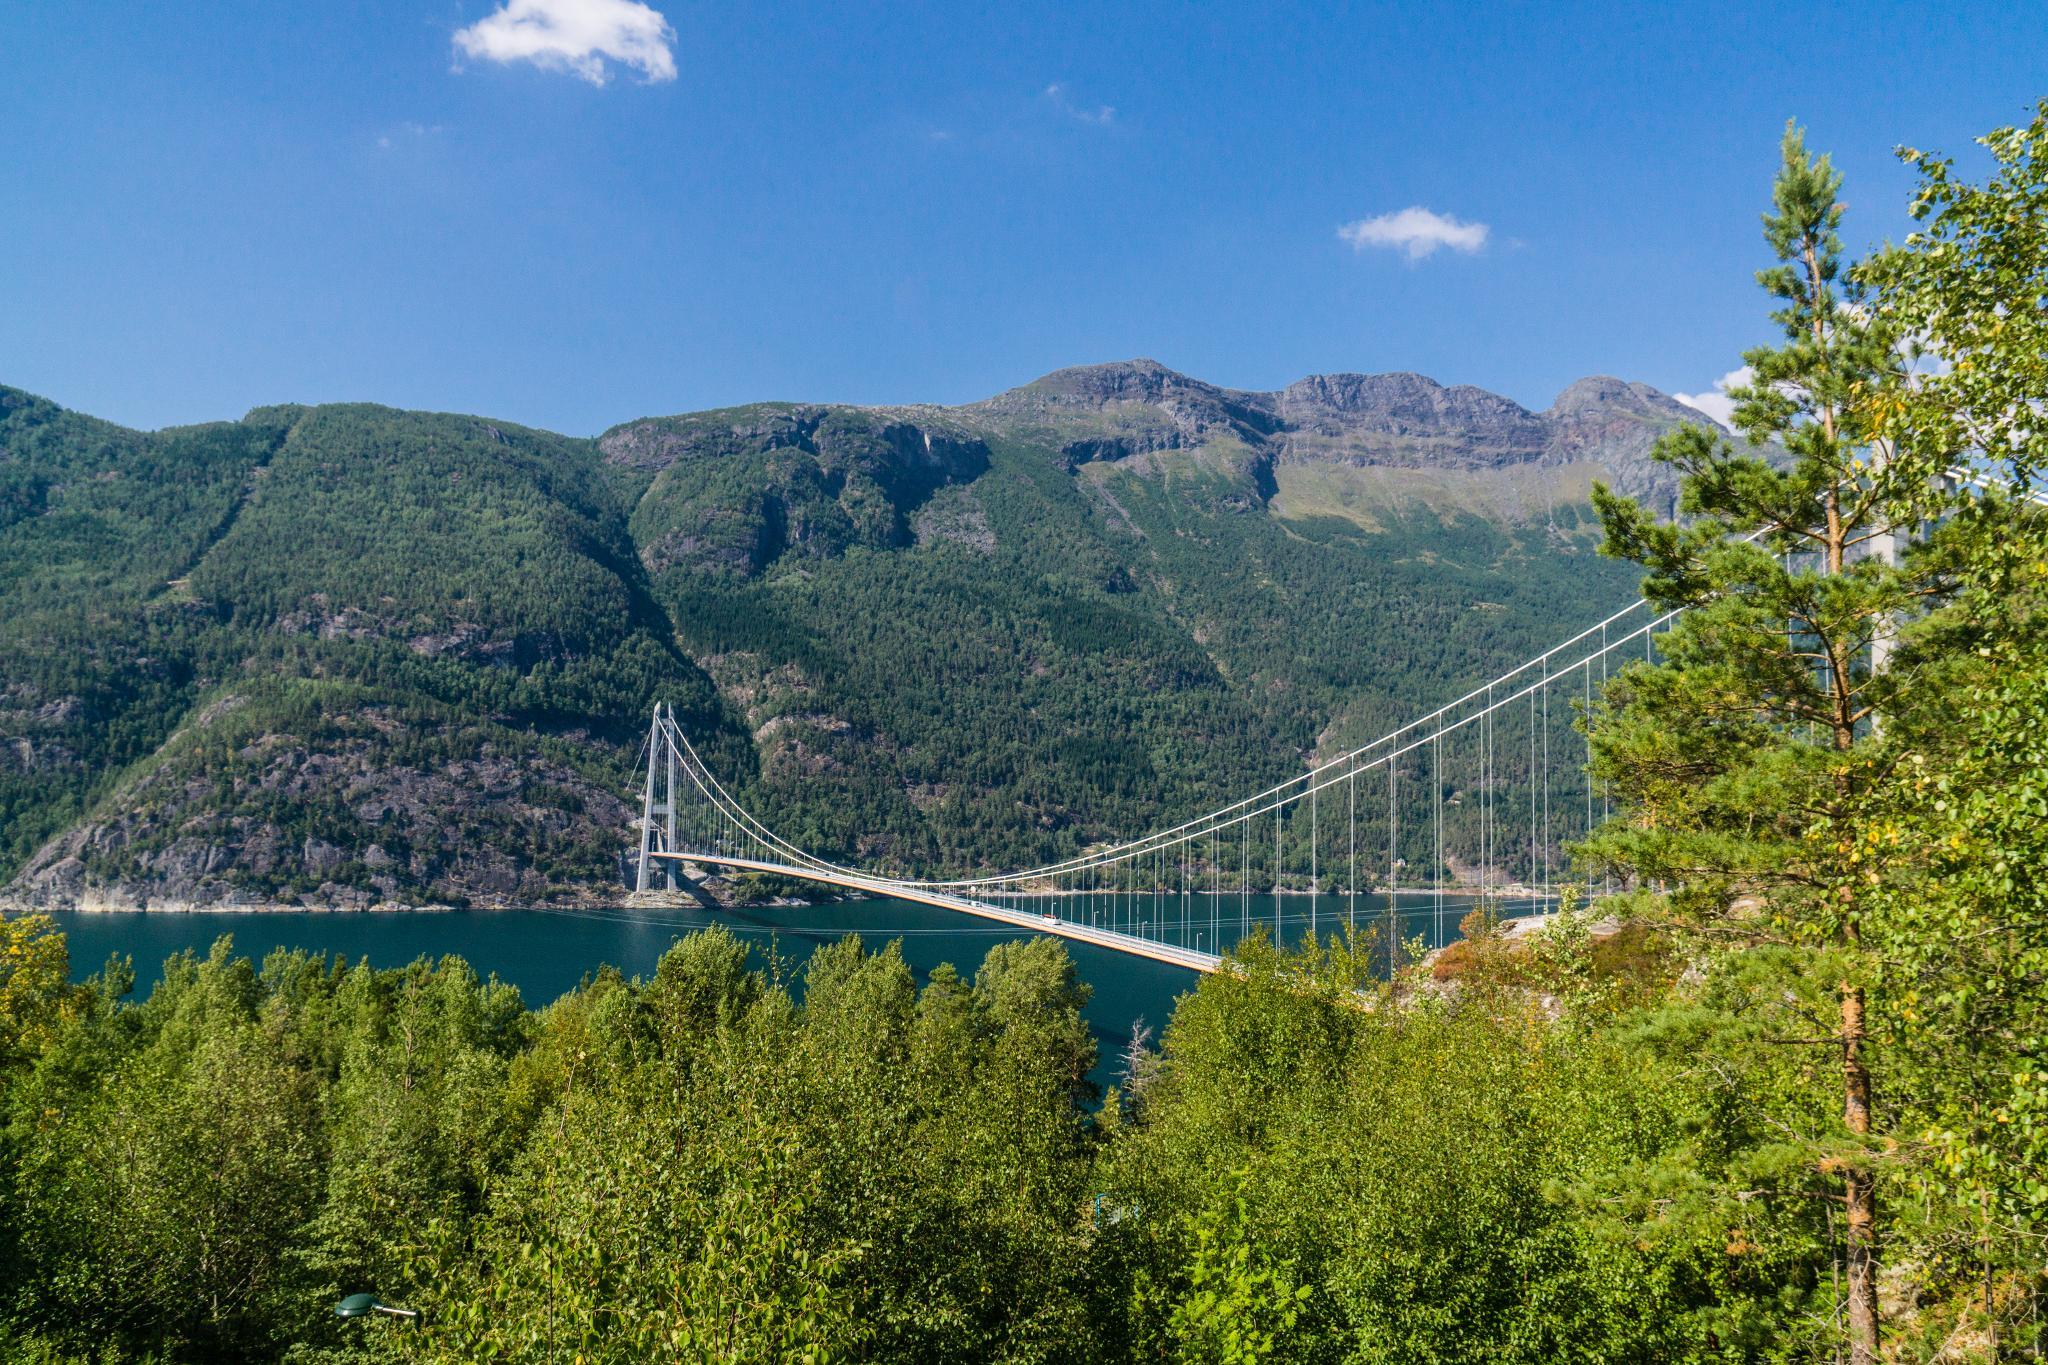 【北歐景點】哈丹格高原公路 Hardangervidda:在歐洲最大高原來一趟偉大的公路旅行吧!